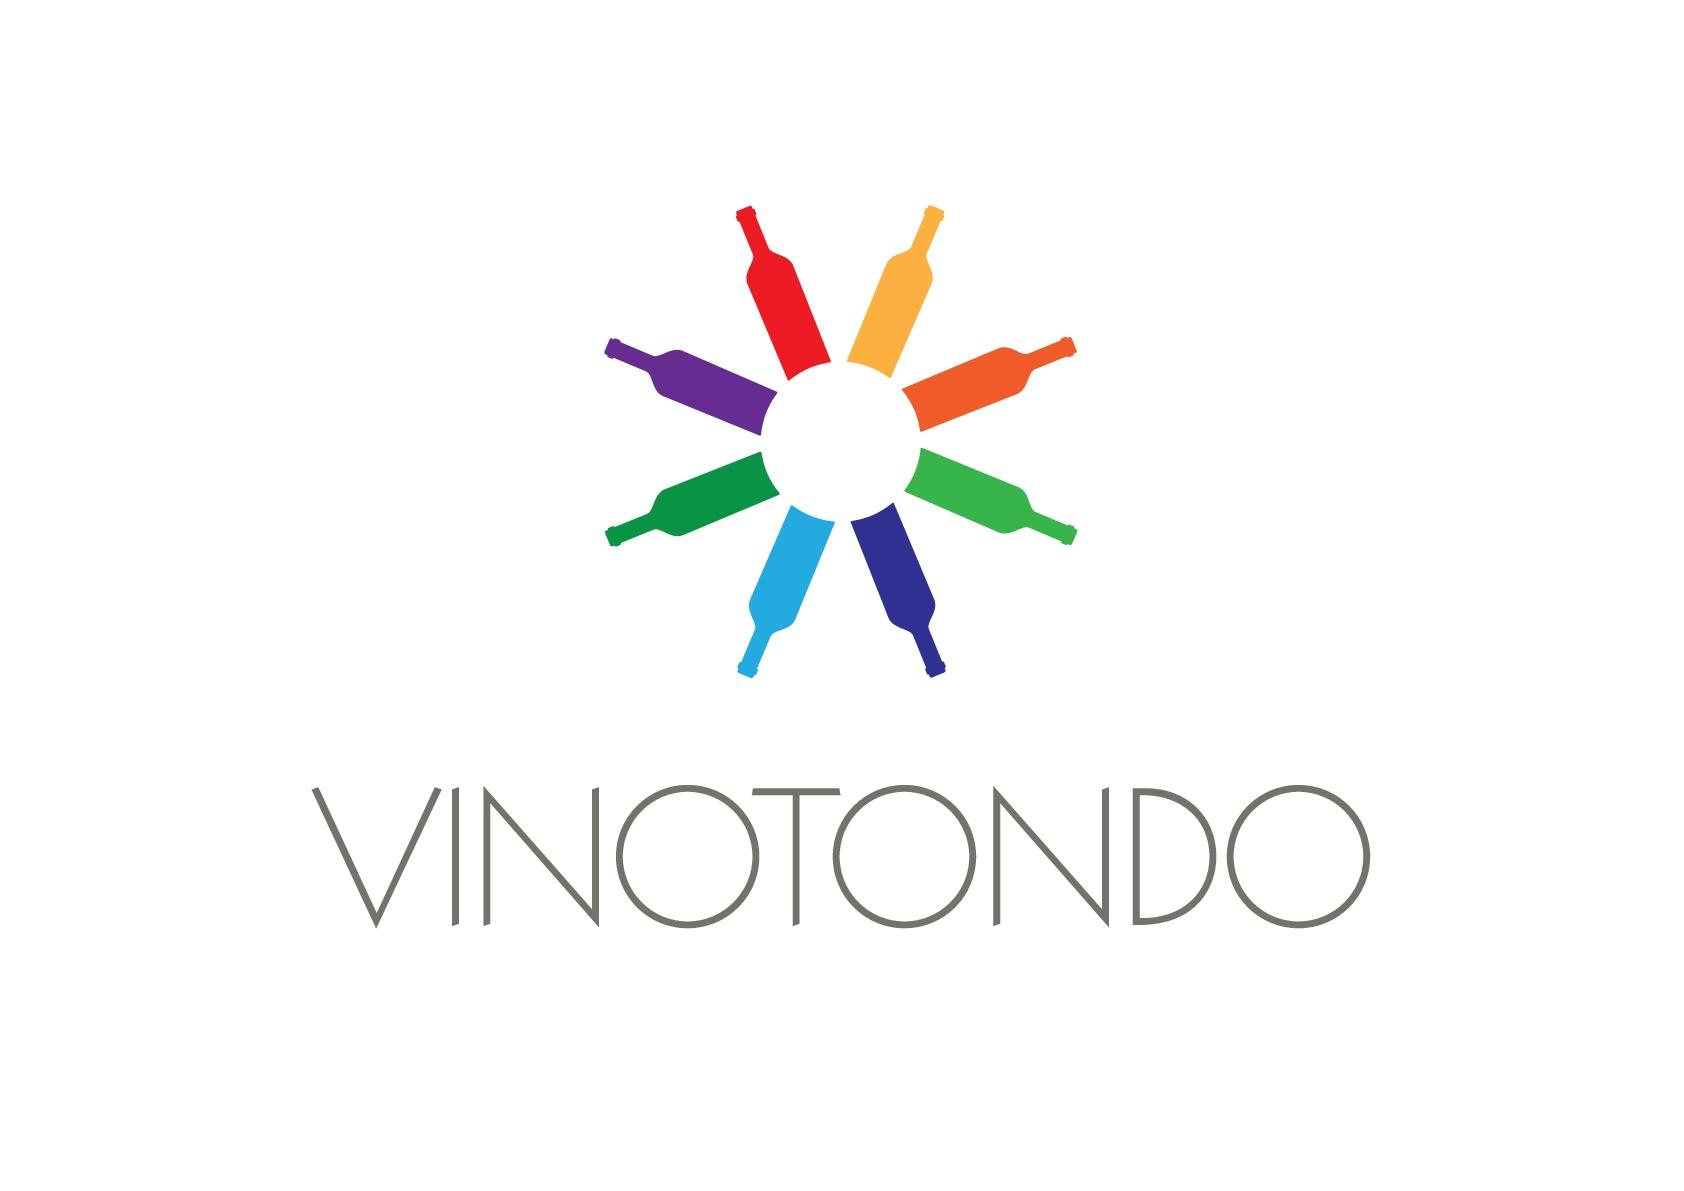 VINOTONDO LOGO